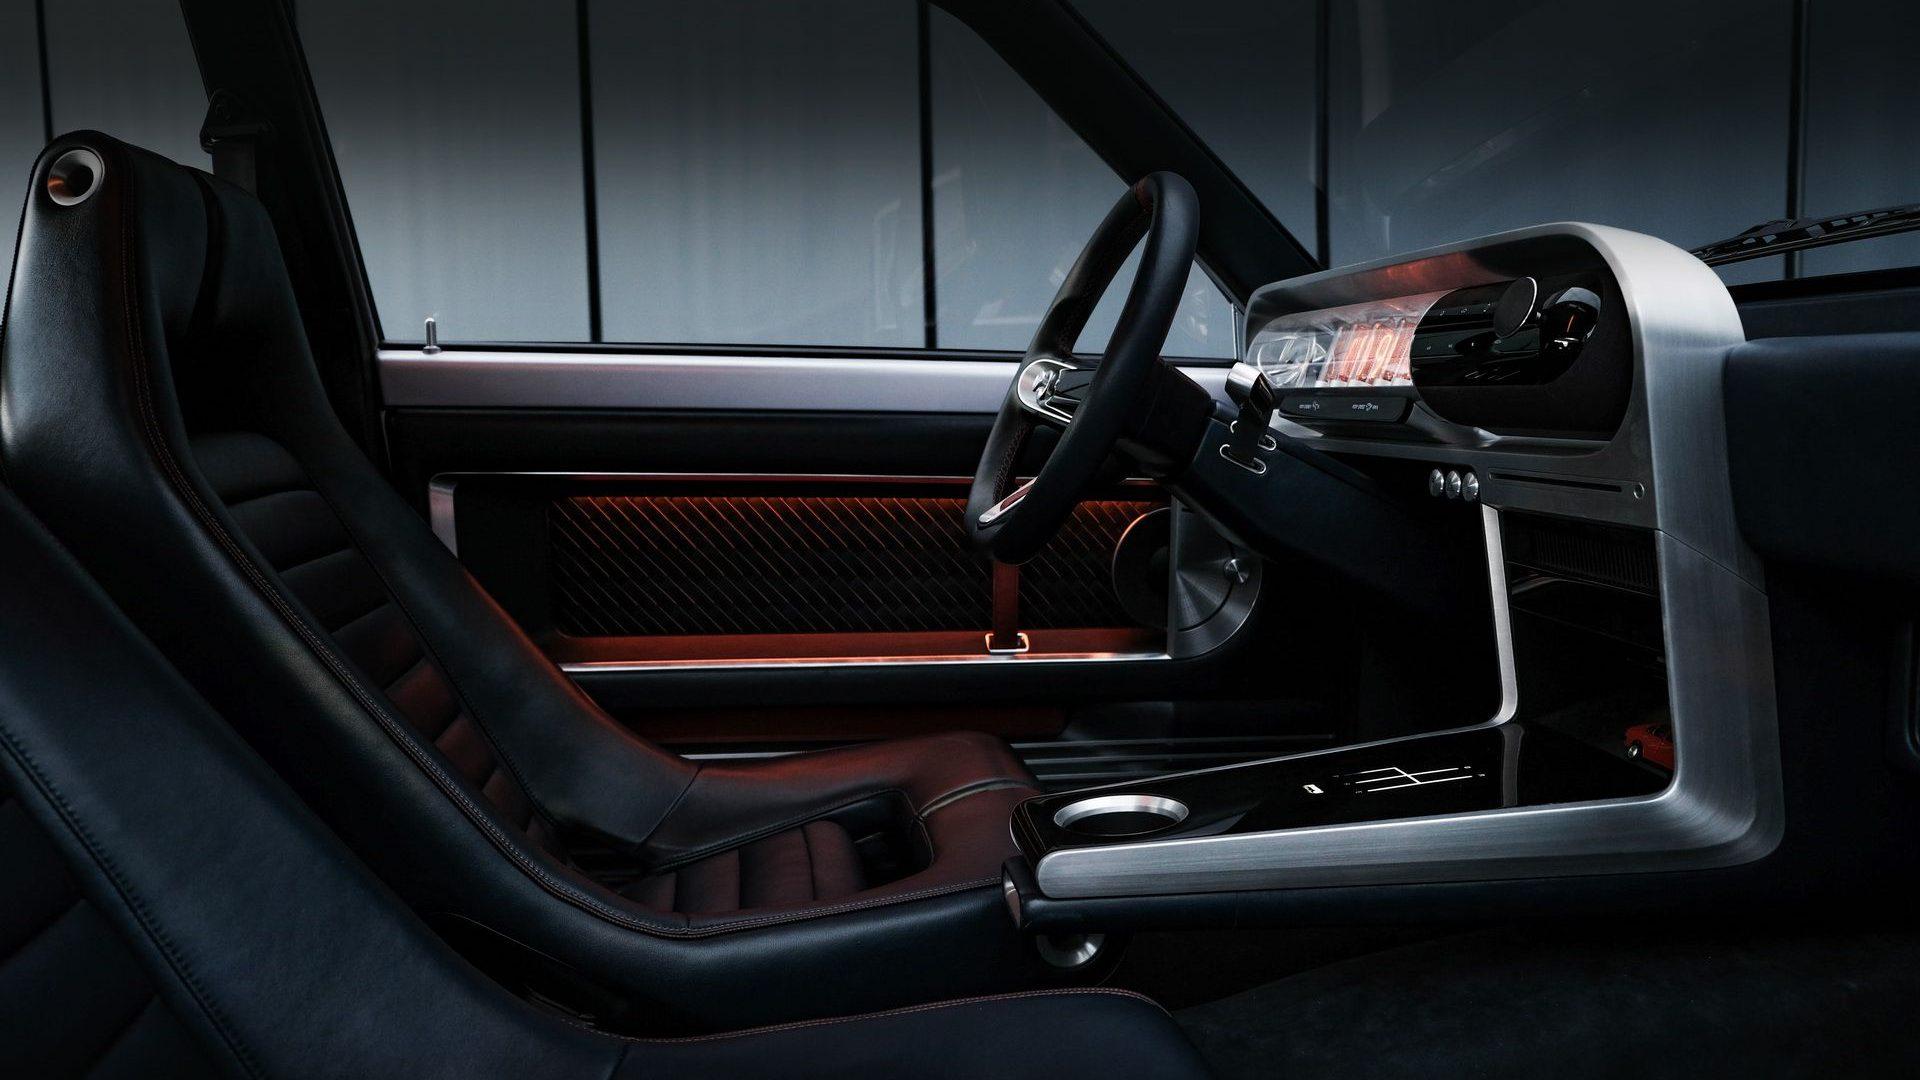 2021-Hyundai-Pony-EV-Show-Car-Interior-03